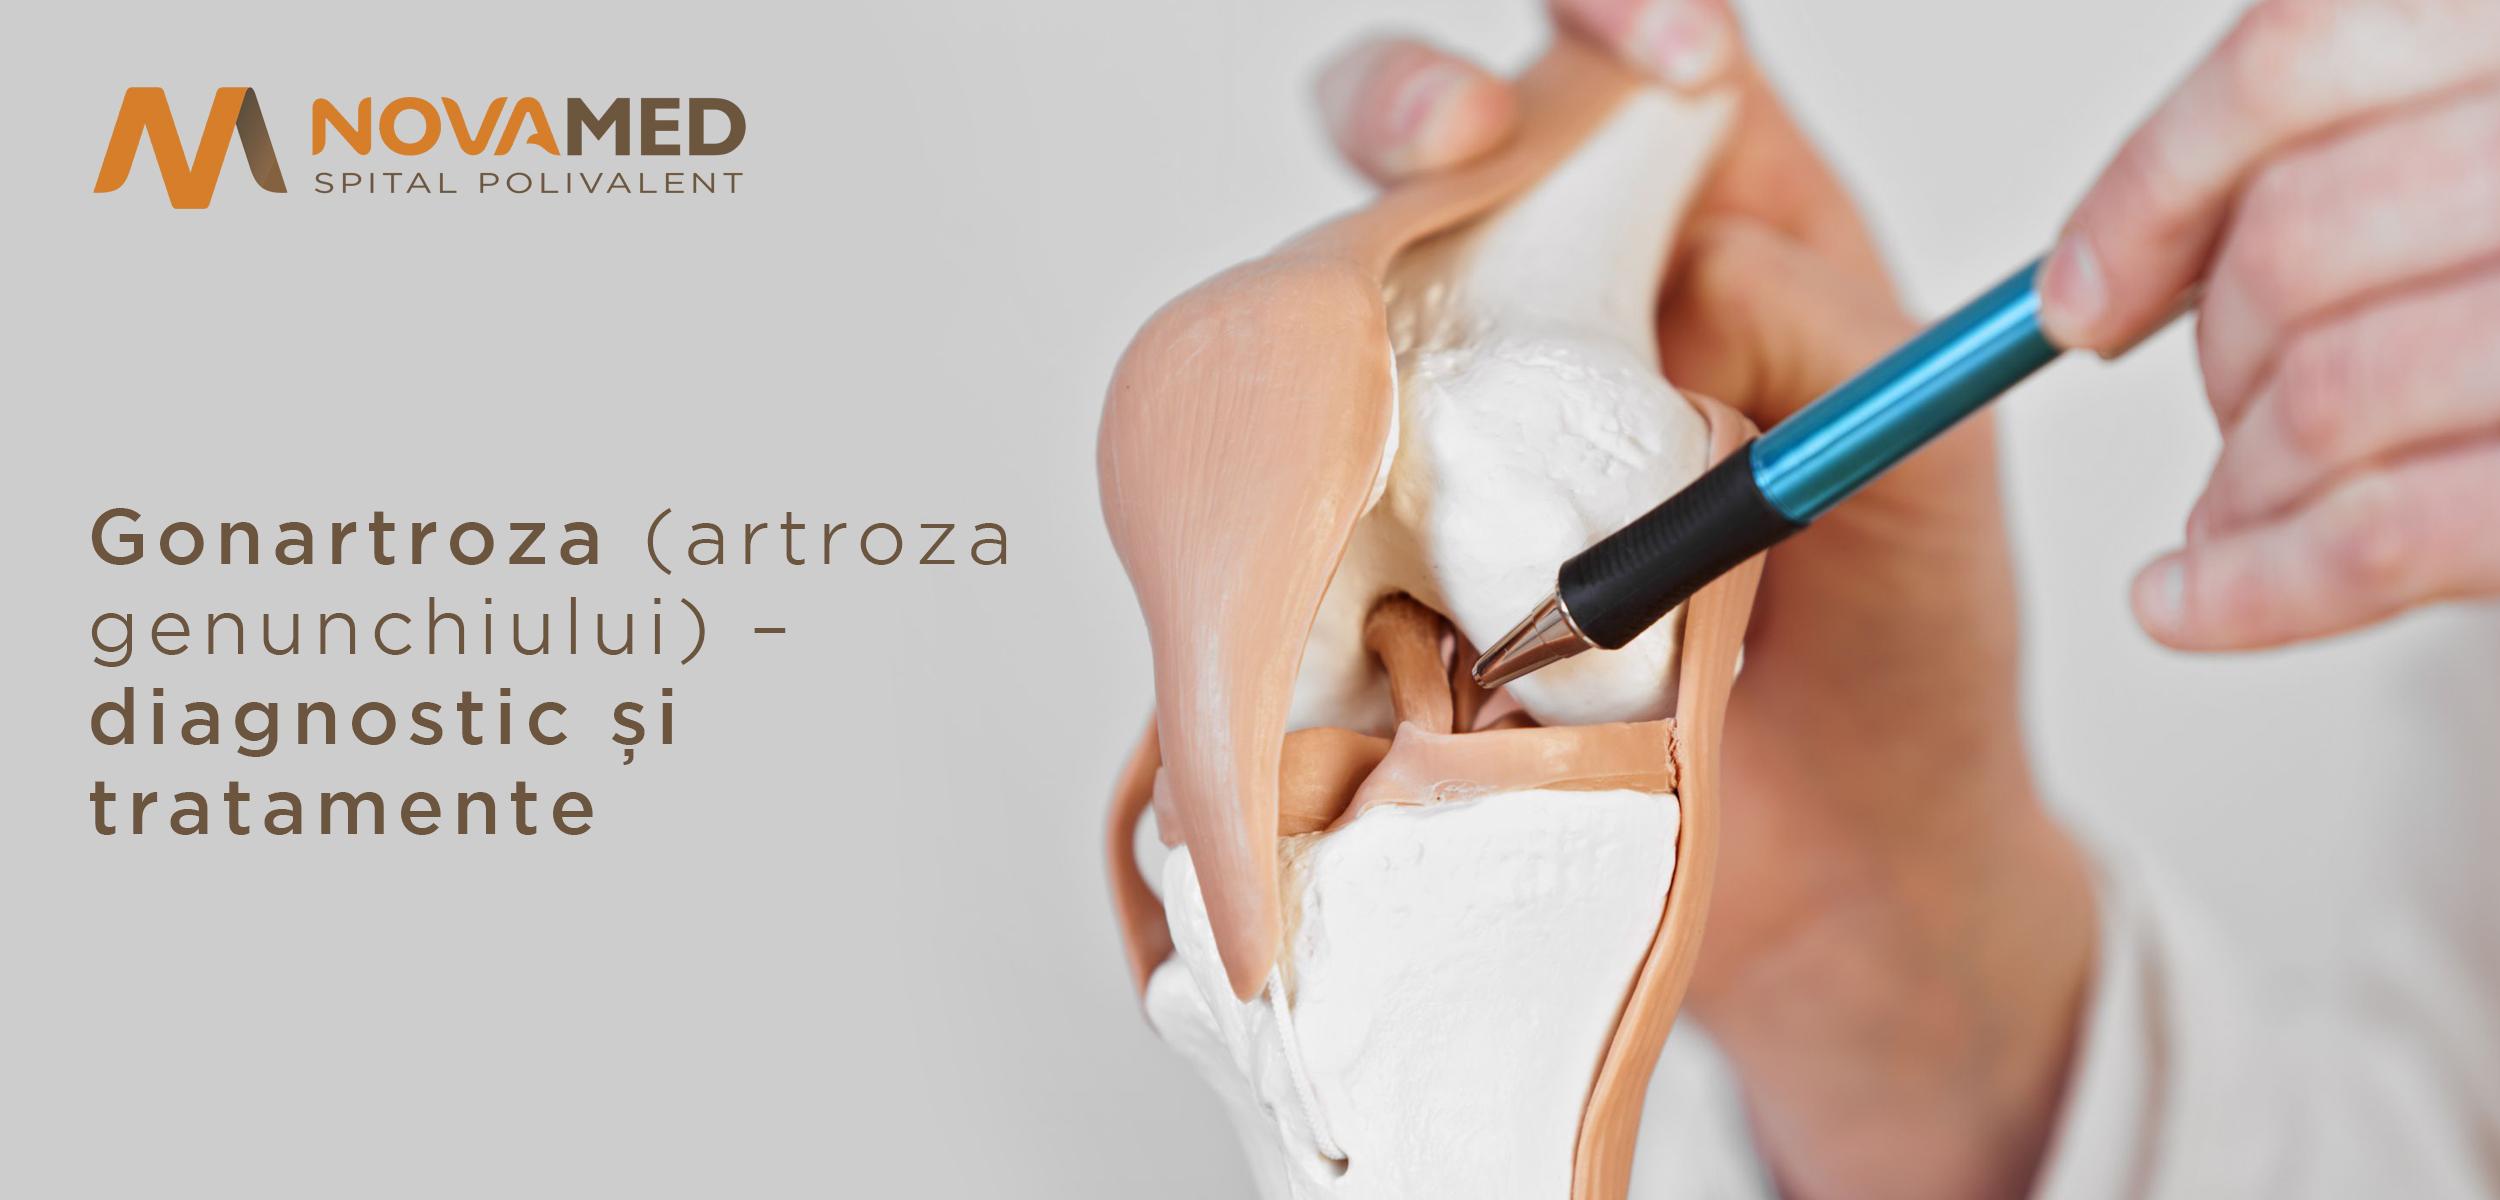 durere în articulațiile picioarelor după chimioterapie cum și unde să tratezi artrita